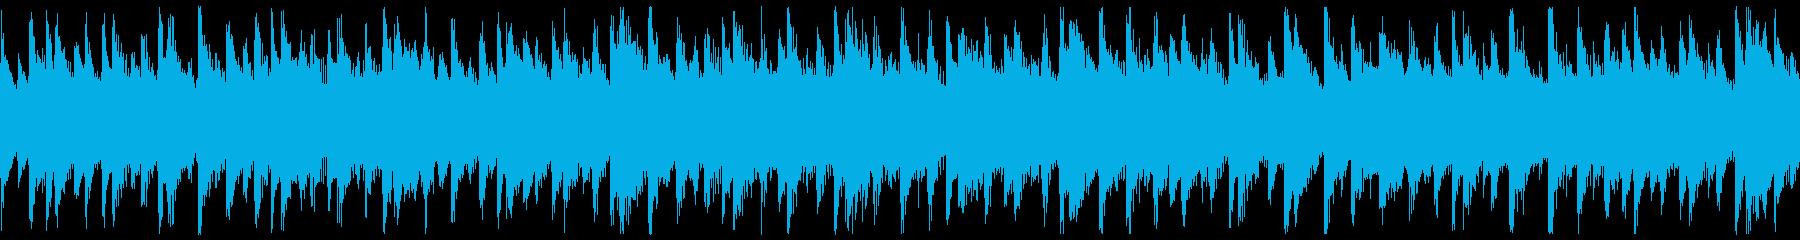 西アフリカ リュート型弦楽器 アップ2の再生済みの波形